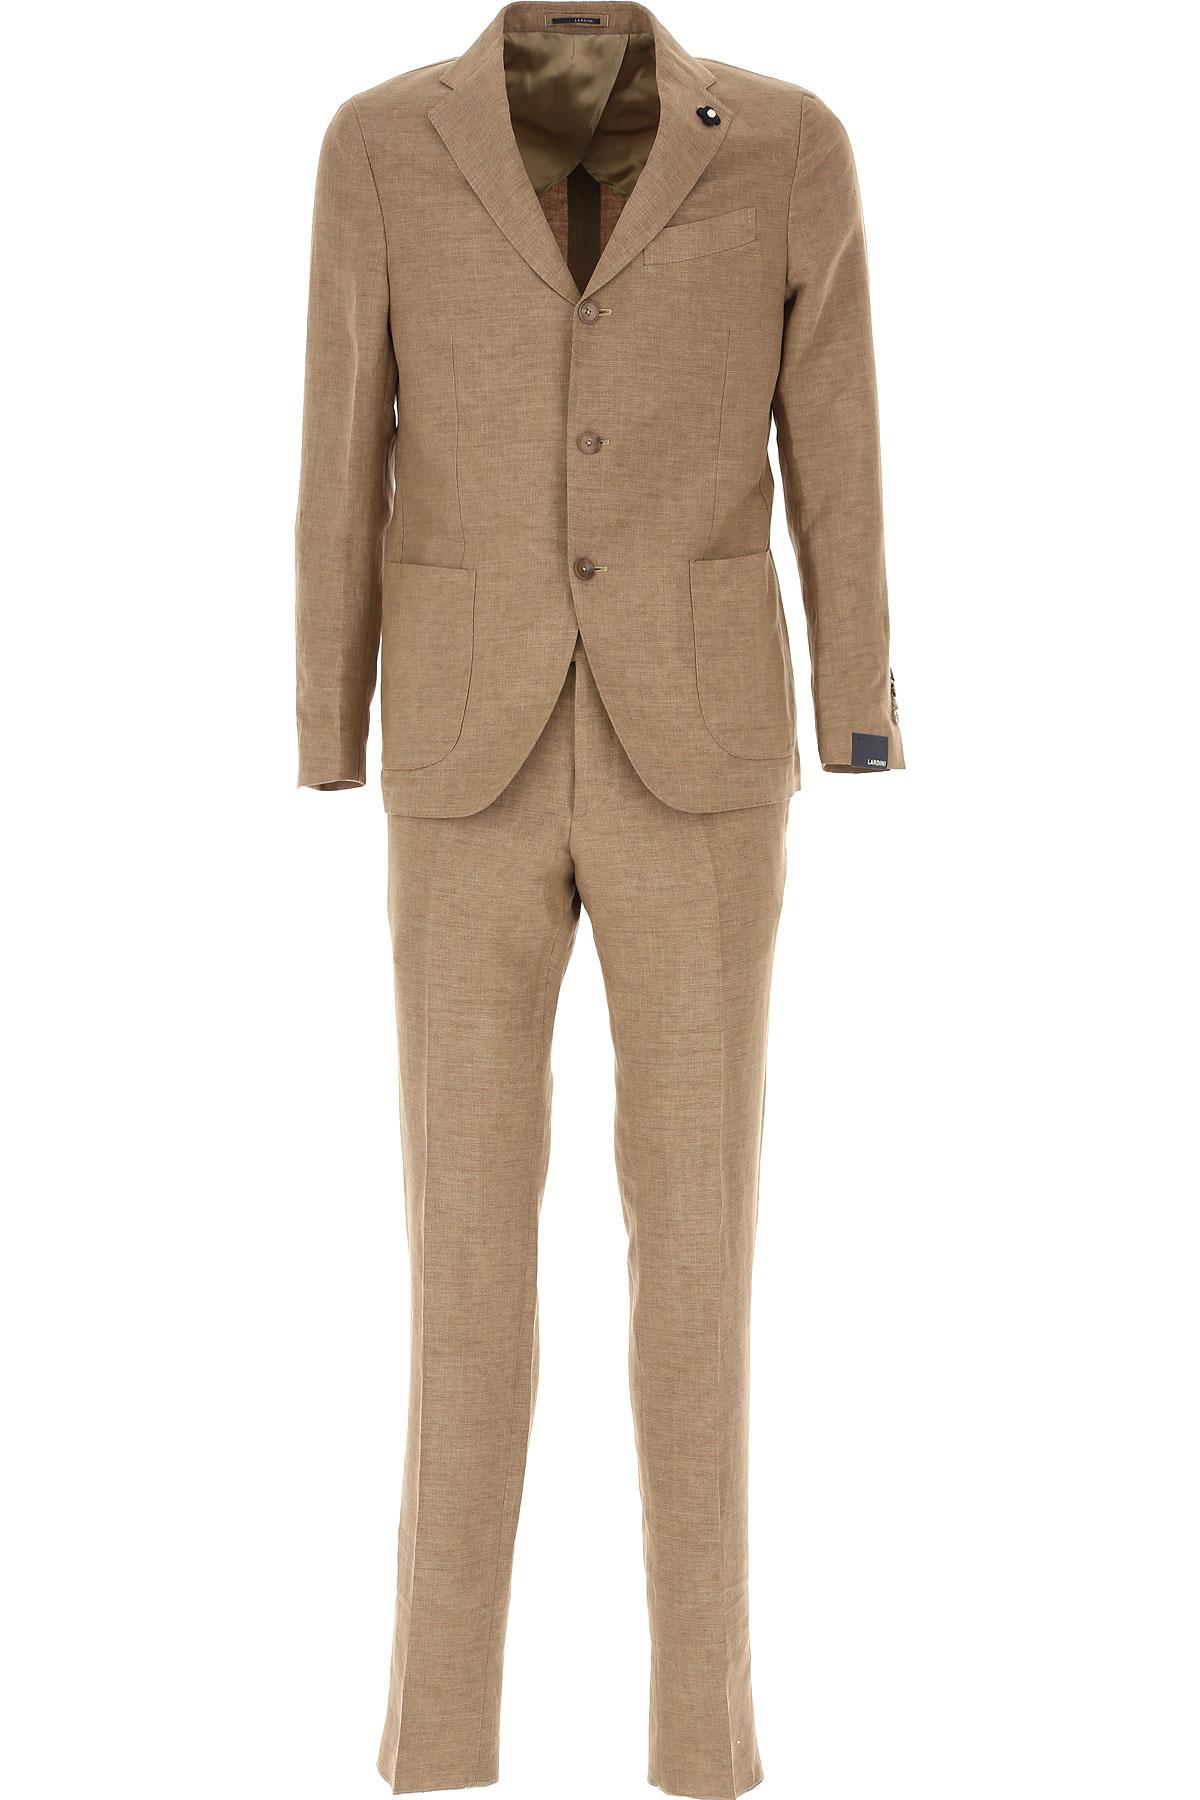 Lardini Costume Homme Pas Cher En Soldes, Beige, Lin, 2019, L M XL XXL